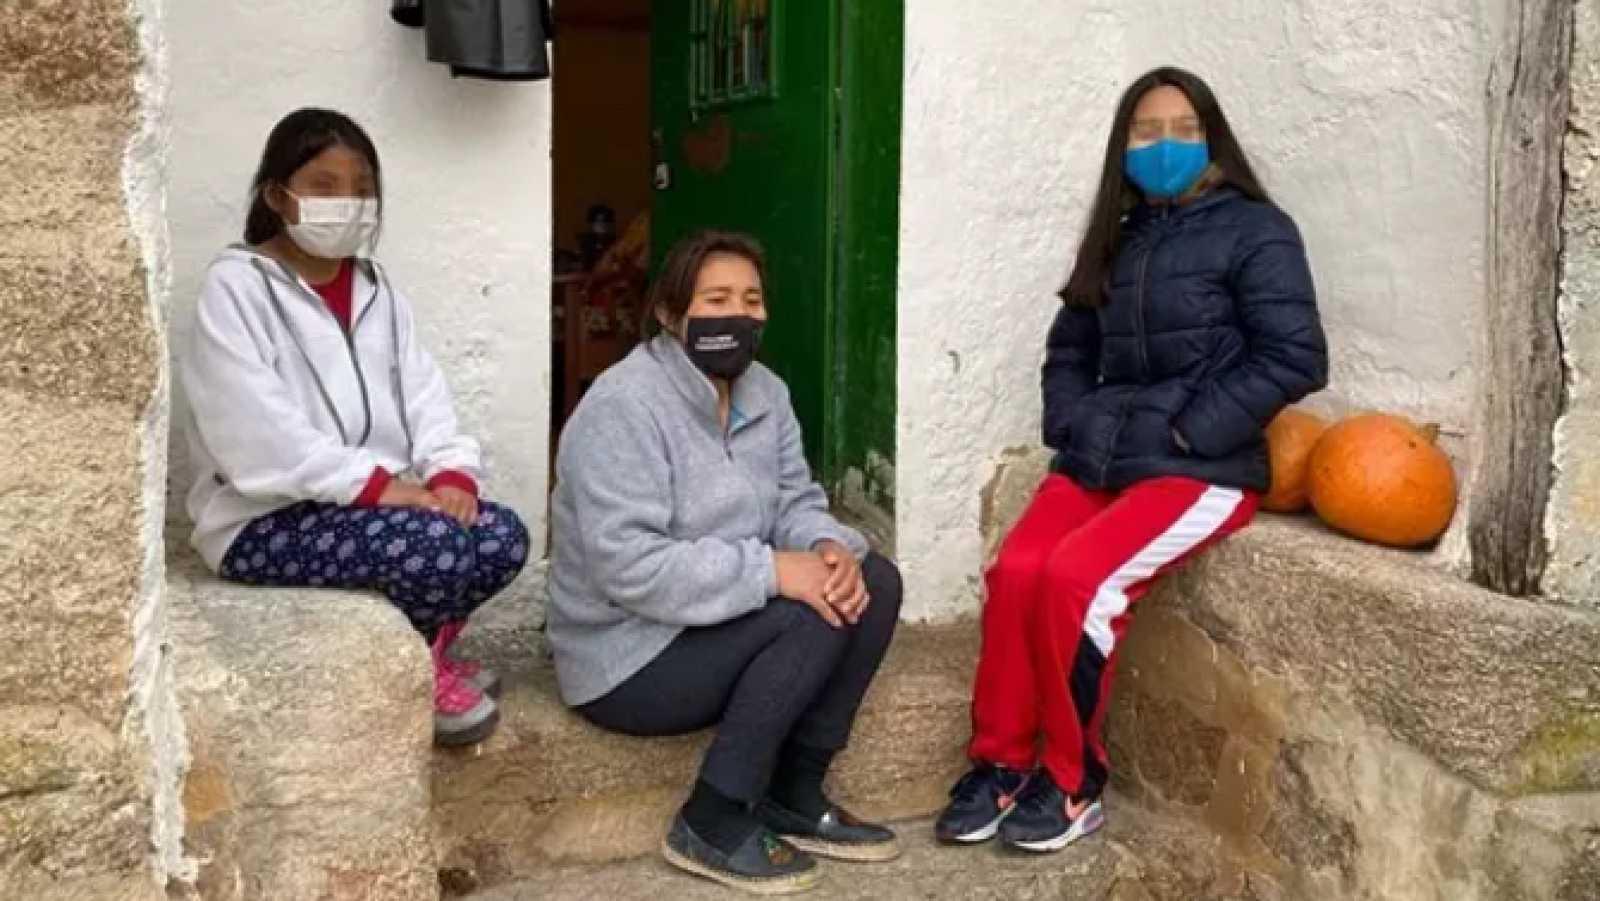 Punto de enlace - Pueblos de Ávila se repueblan con familias pobres, son 'Pueblos Madrina' - 23/04/21 - escuchar ahora